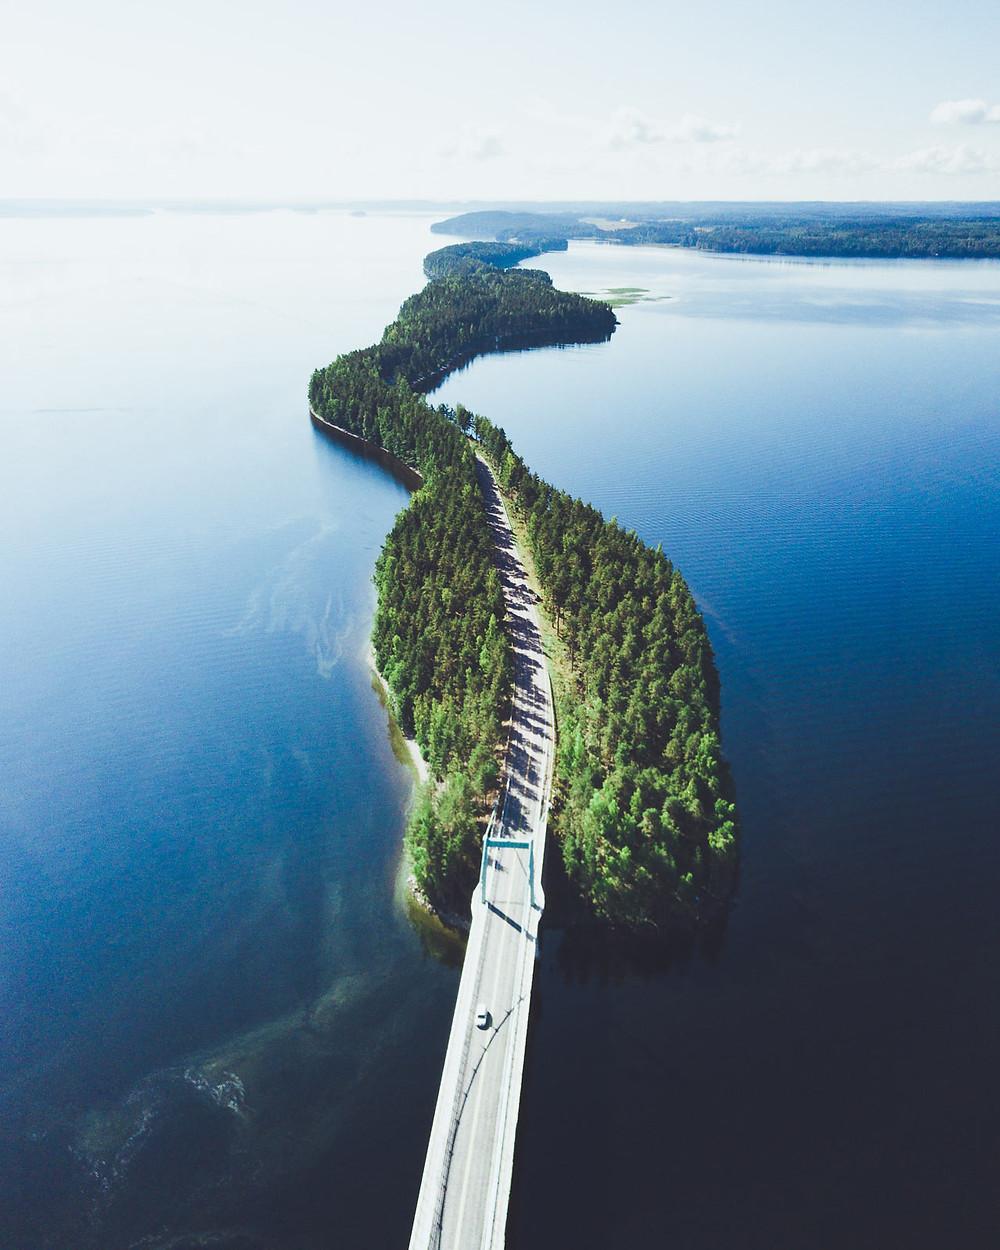 Kuvituskuva suomalaisesta järvimaisemasta kesällä - kuva unsplash.com